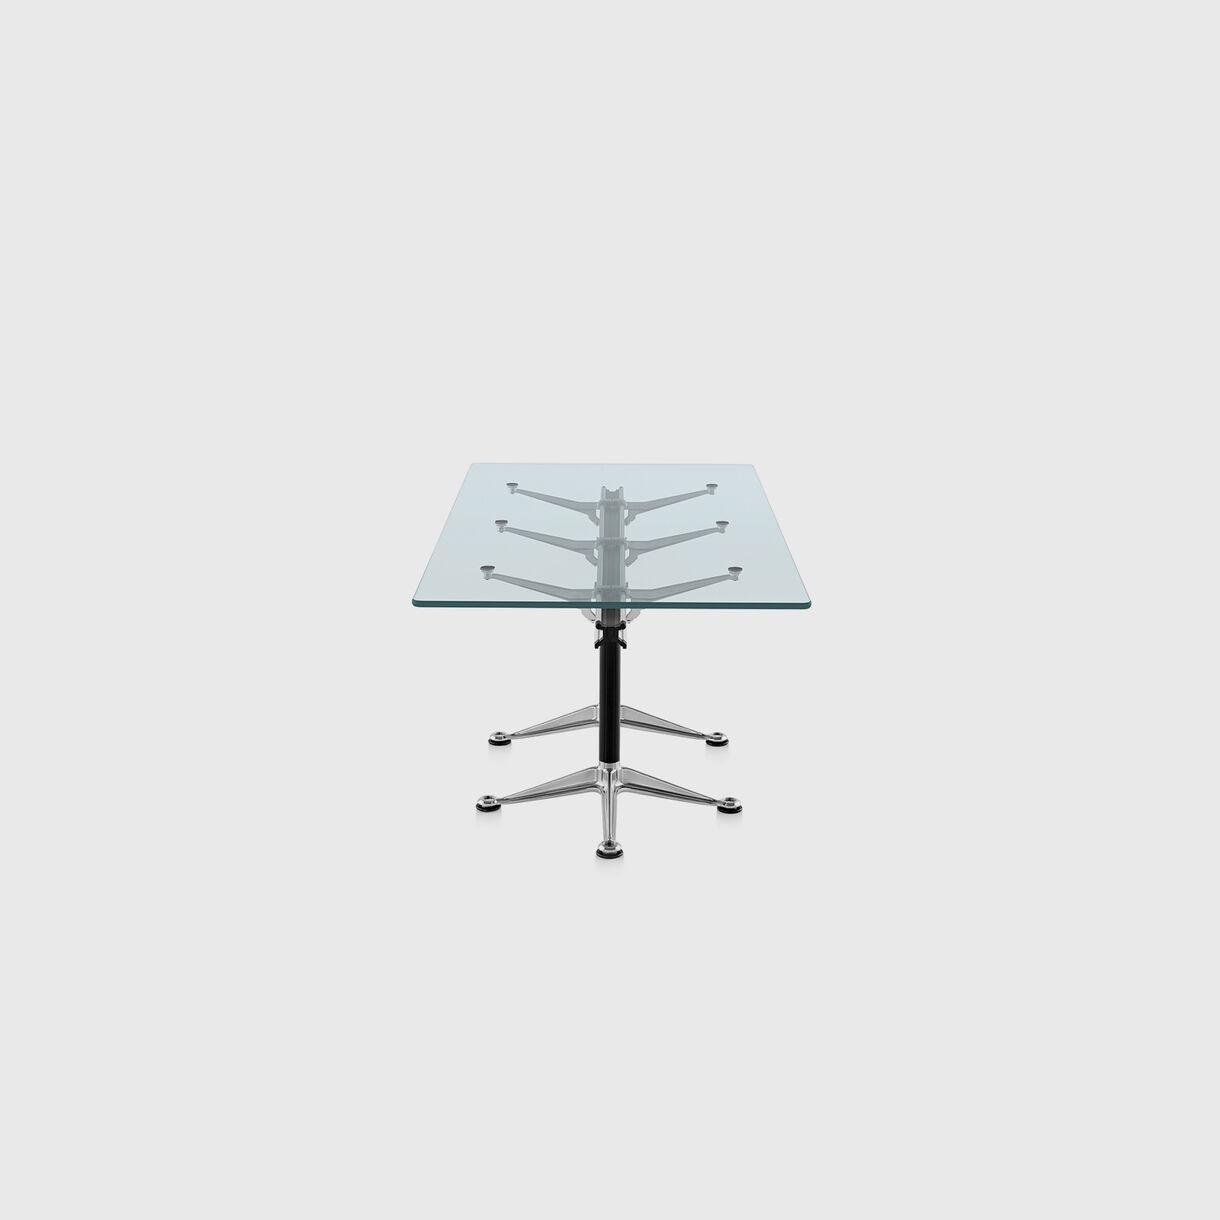 Burdick Group Rectangular Table, BG332GJLCDBKCD